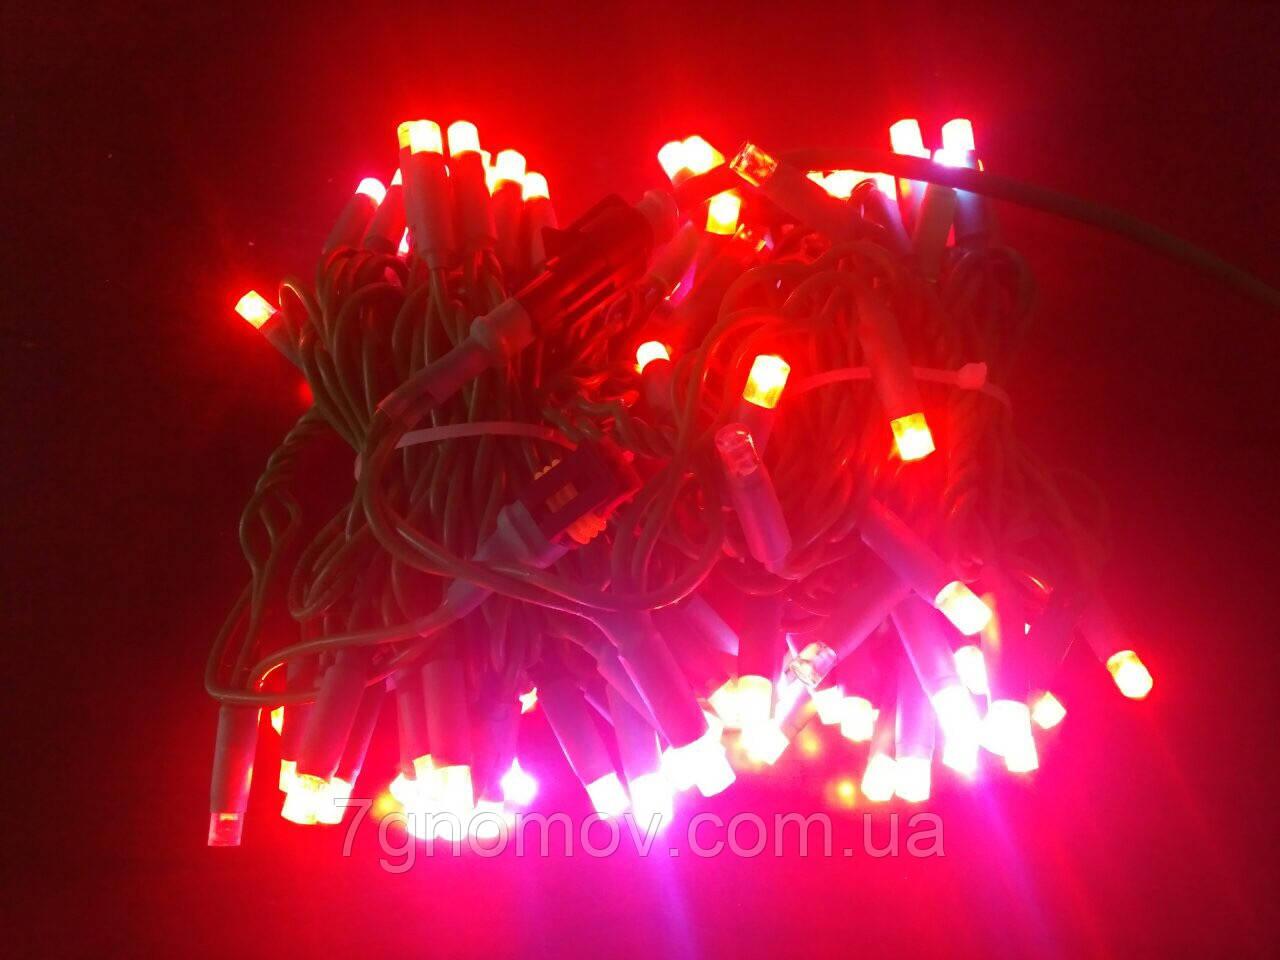 Гірлянда світлодіодна Flash-String зелений кабель червоний з холодним білим флешем 10м 100 діодів 220В